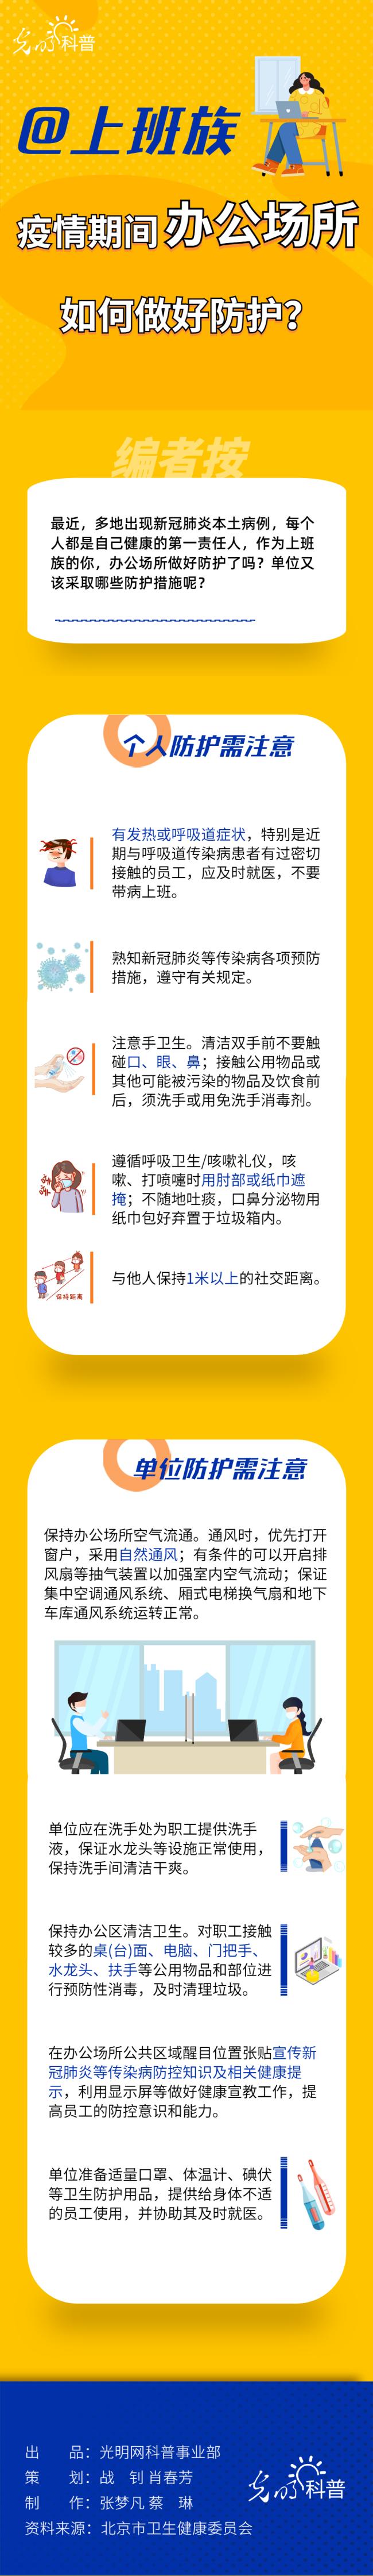 【防疫科普】@上班族 疫情期间办公场所如何做好防护?